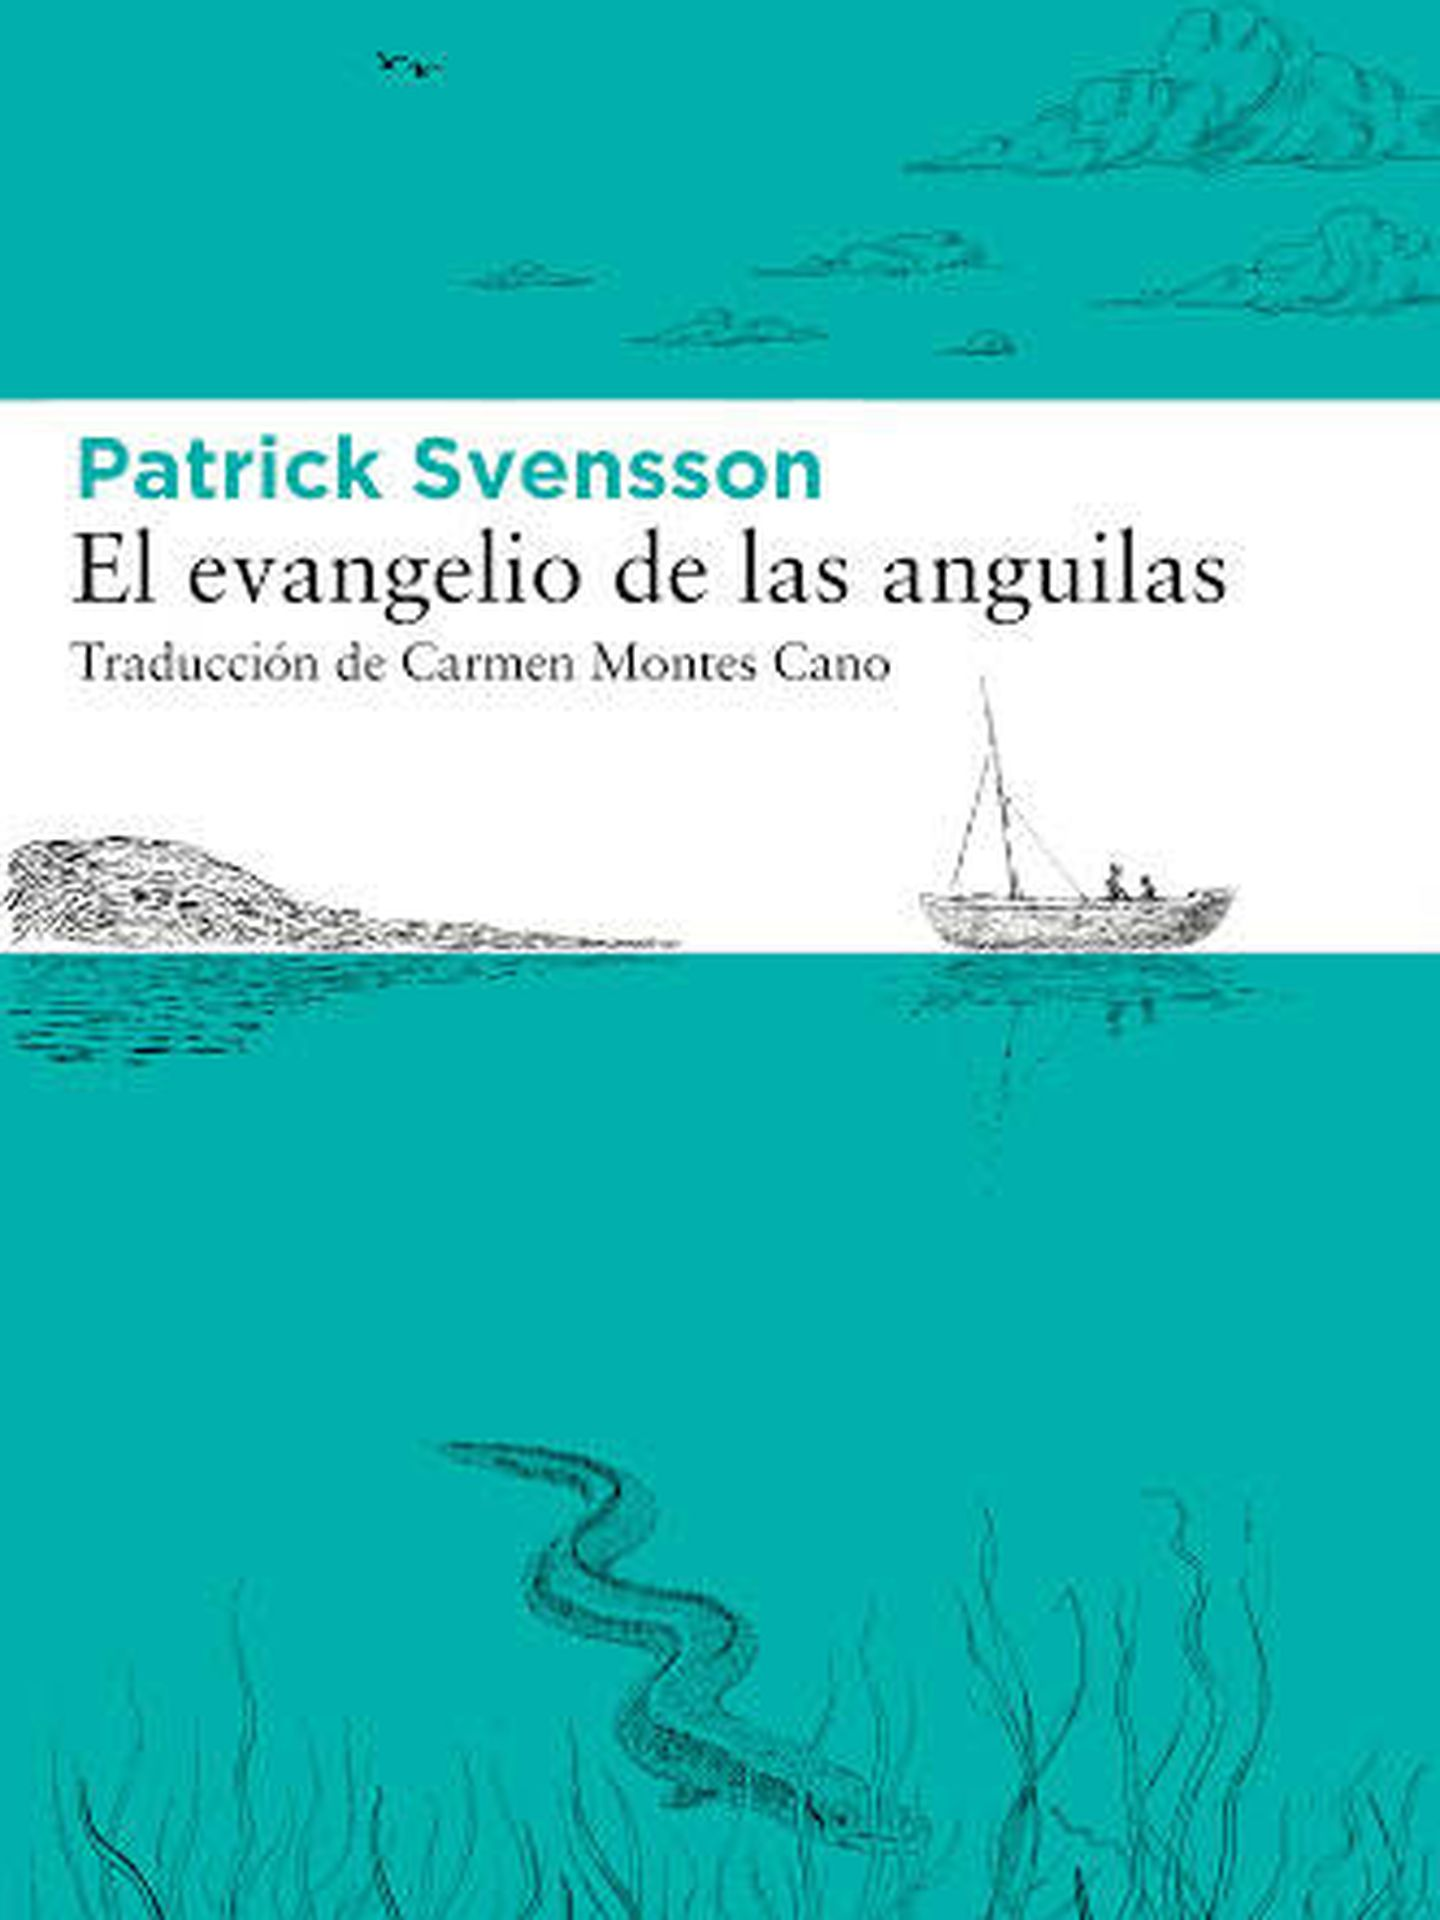 'El evangelio de las anguilas'.